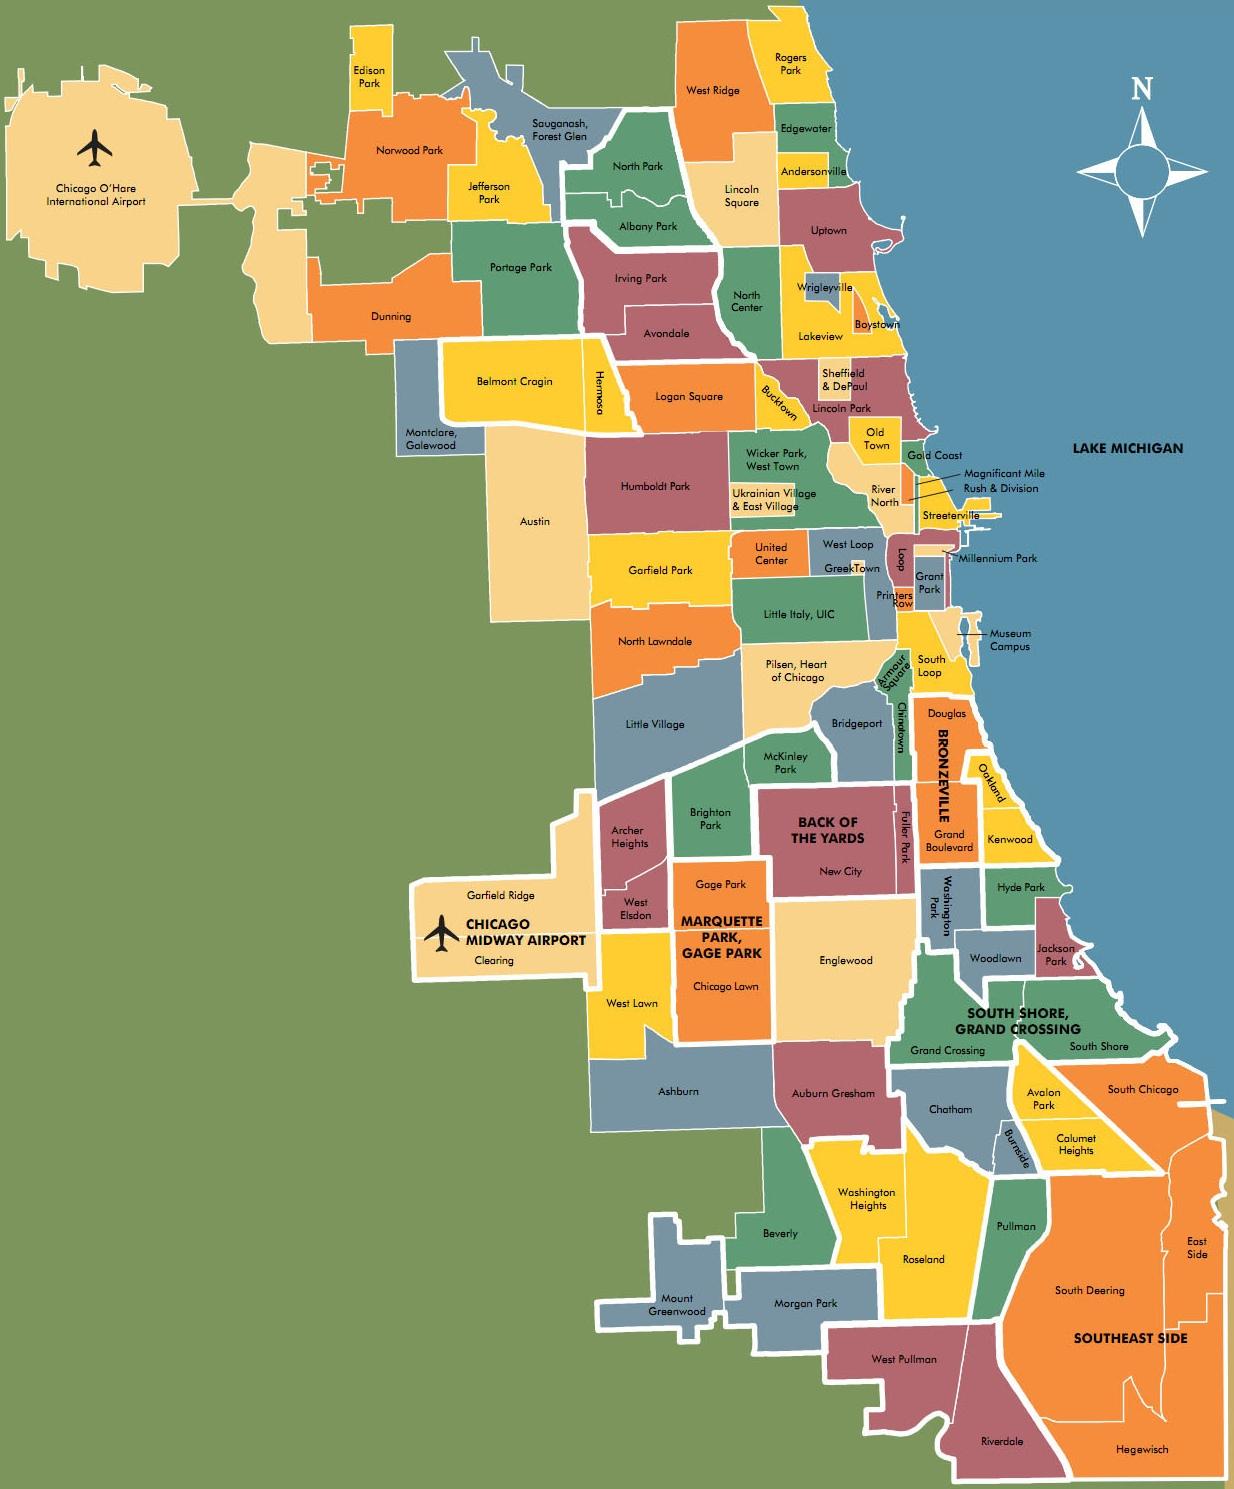 Cicago Neighborhood Map